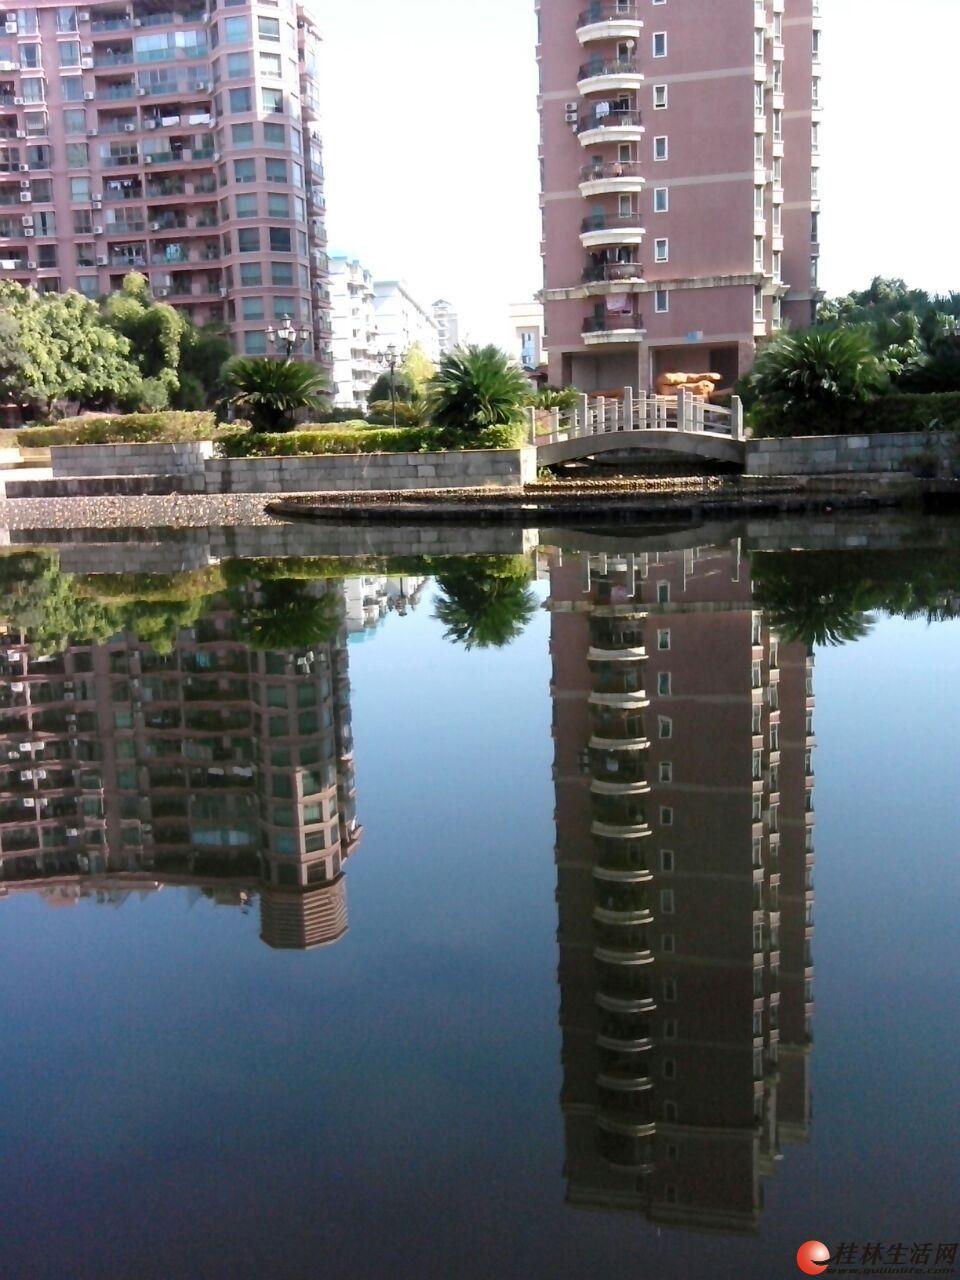 世纪新城,4房2厅2卫186平米,8楼,精装修,售价120万,有意者请联系